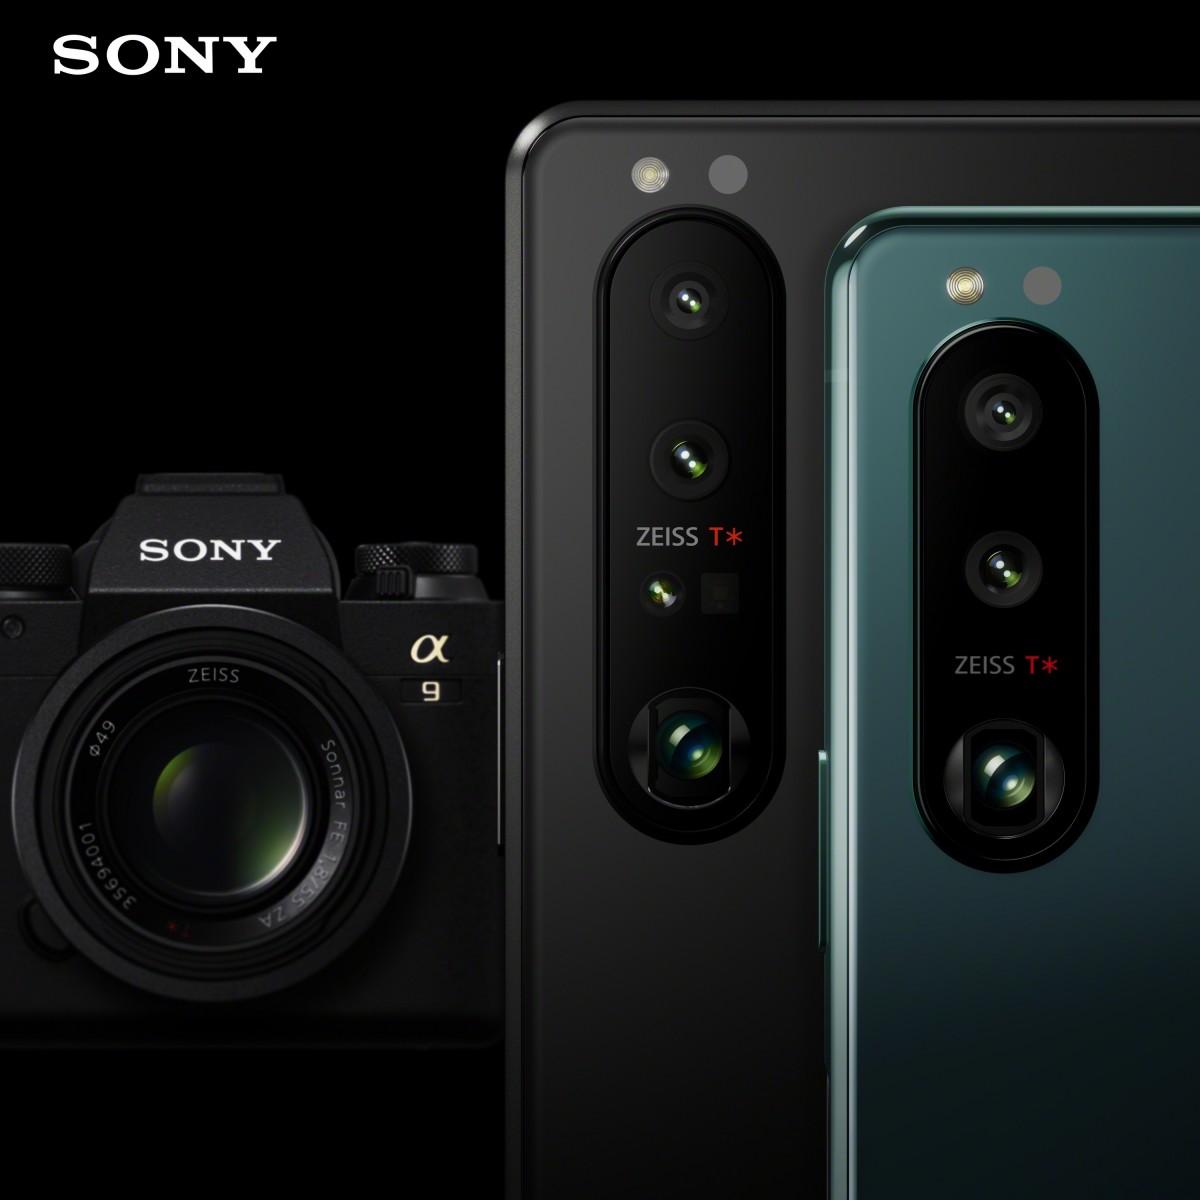 Sony Xperia 1 III terdaftar di Eropa seharga €1.299, pengiriman dimulai awal Agustus